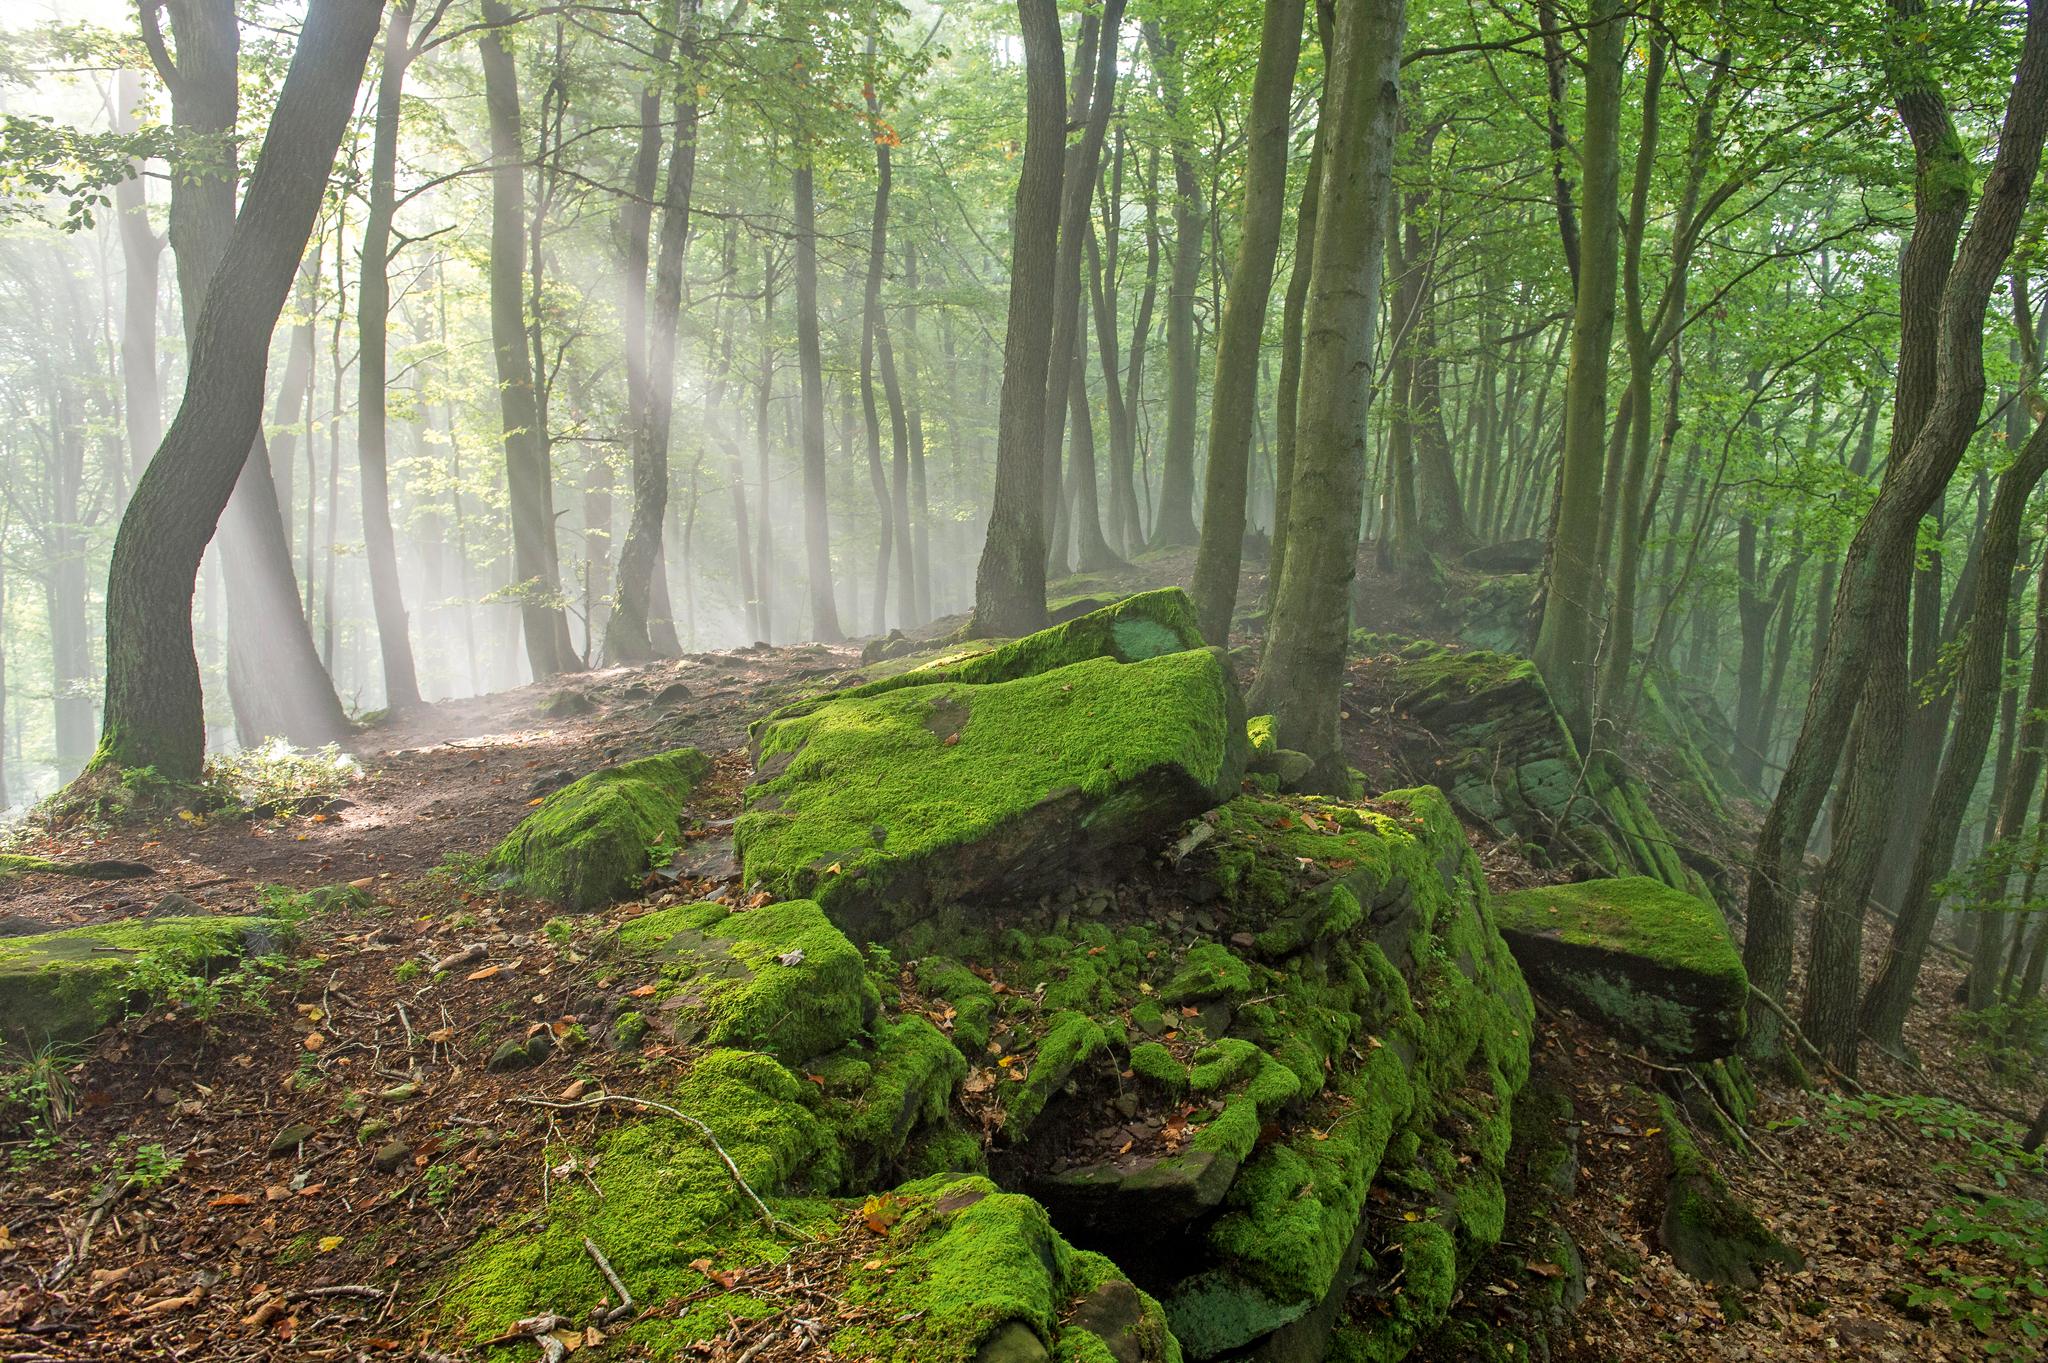 Morgenstimmung in einem Wald im thüringischen Eichsfeld. Dem Sichtbaren steht das Unsichtbare gleichgewichtig gegenüber. Das unterirdische Netzwerk der Wurzeln und Pilze und die gasförmigen Partikel und Botenstoffe in der Luft.